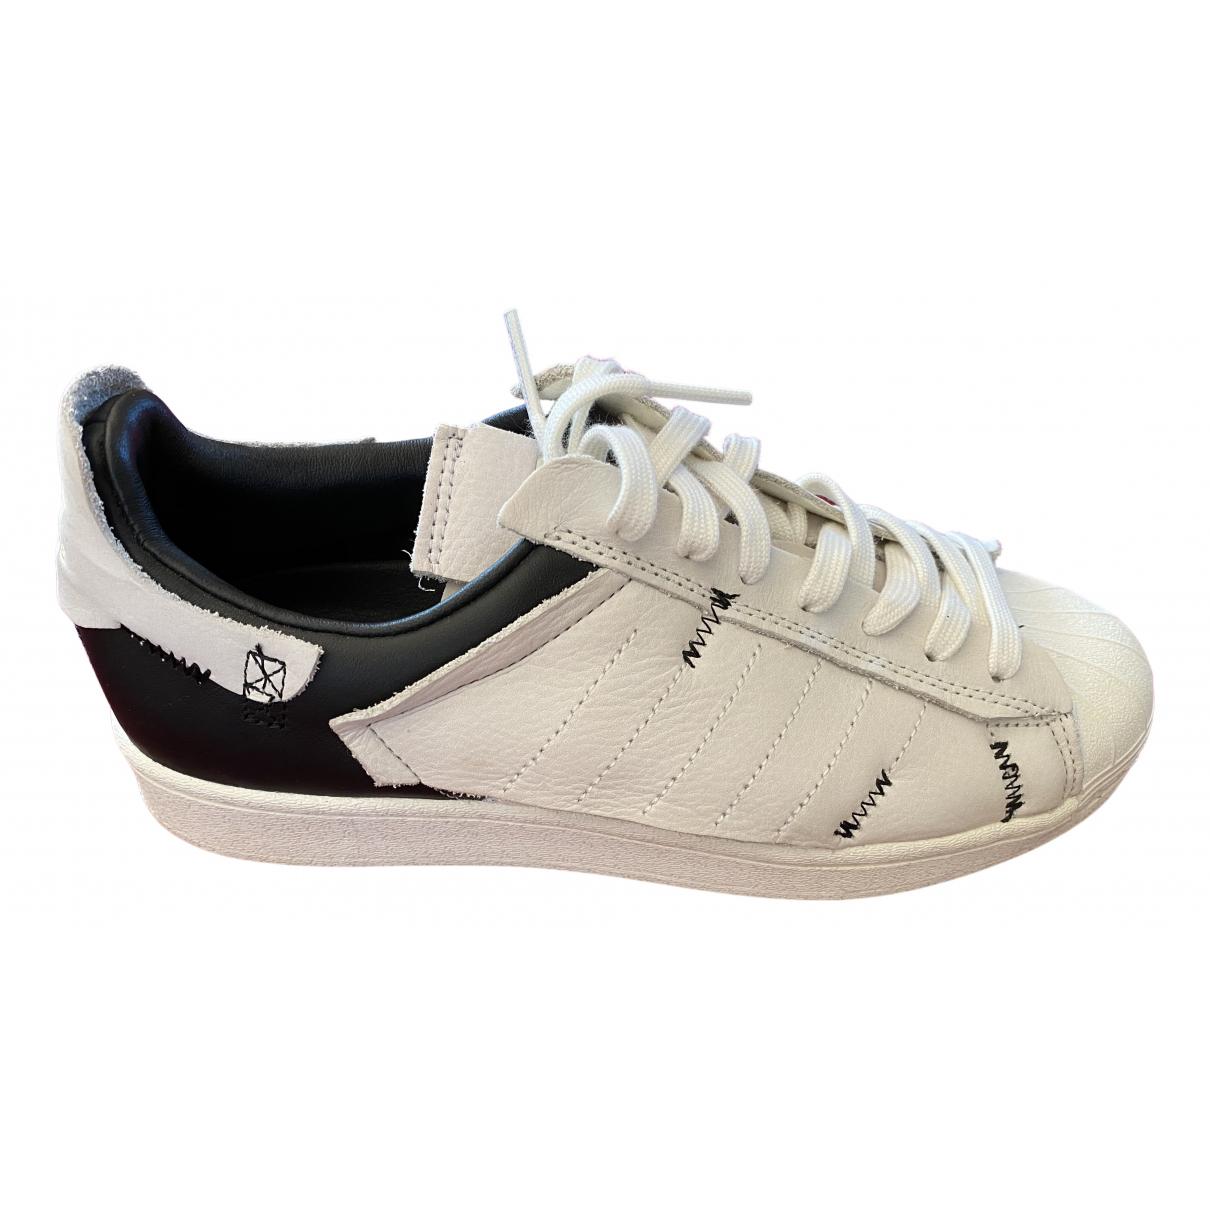 Adidas - Baskets   pour homme en cuir